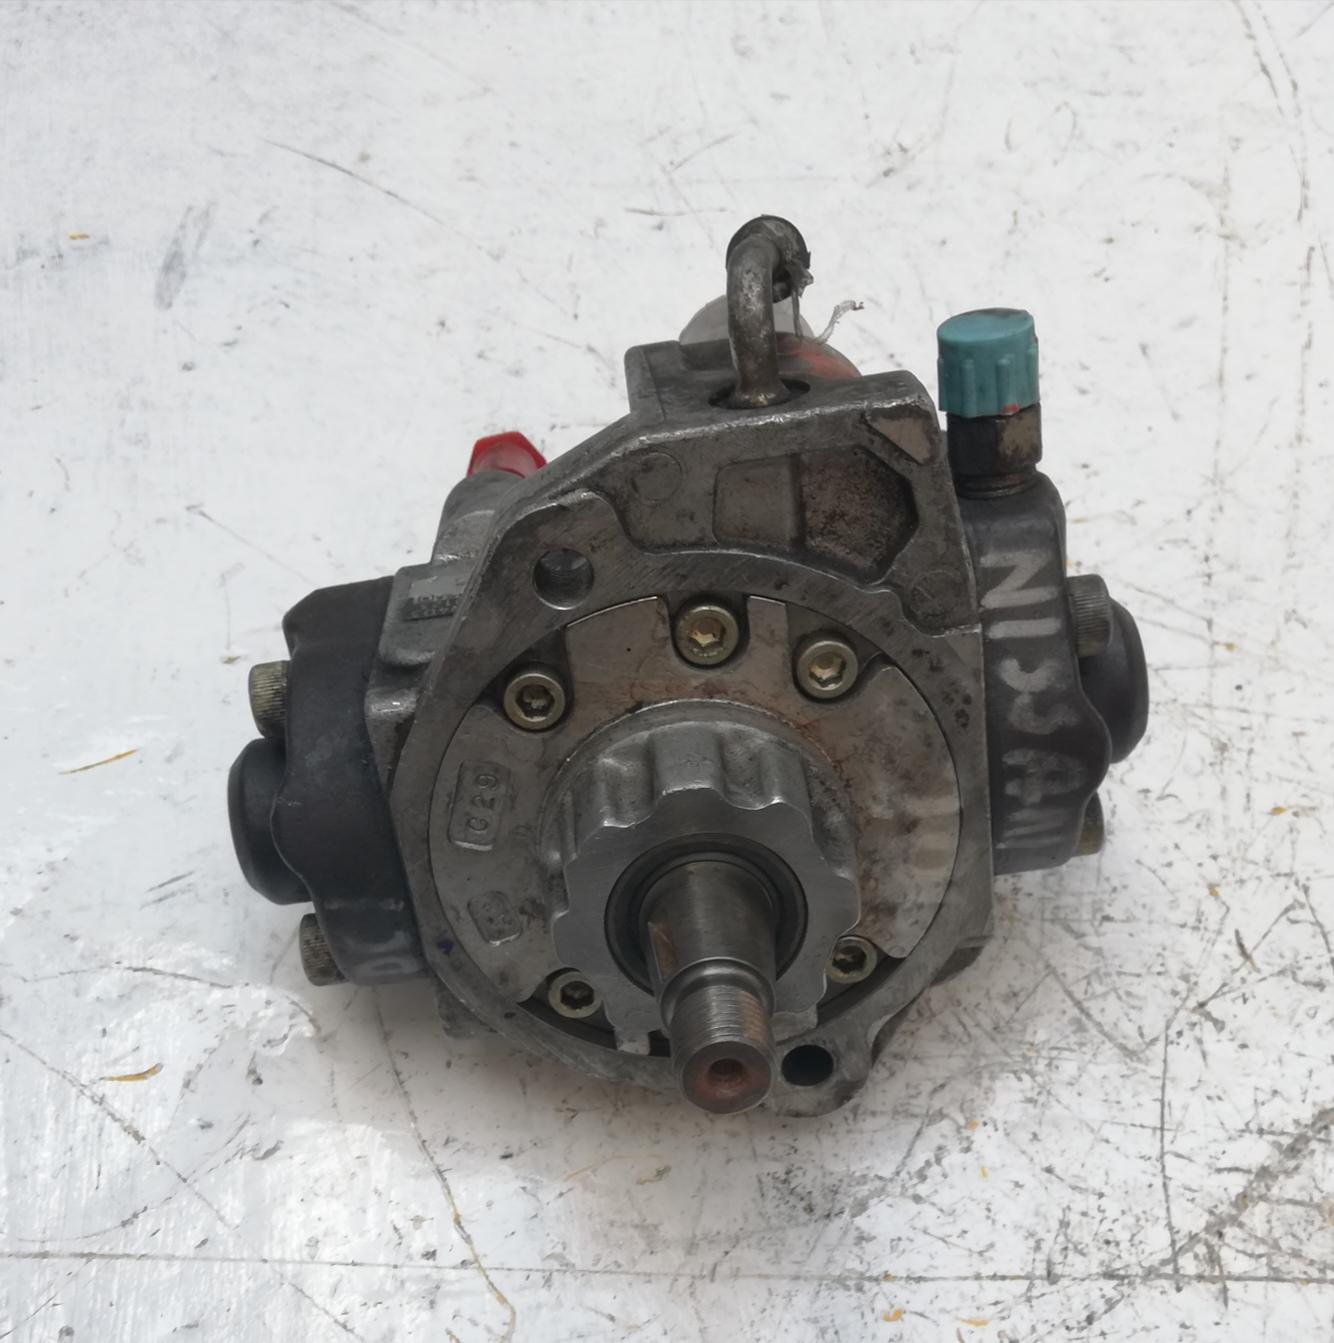 Sprawdzona Pompa Wtryskowa Nissan 2.2DCI 16700 AW403